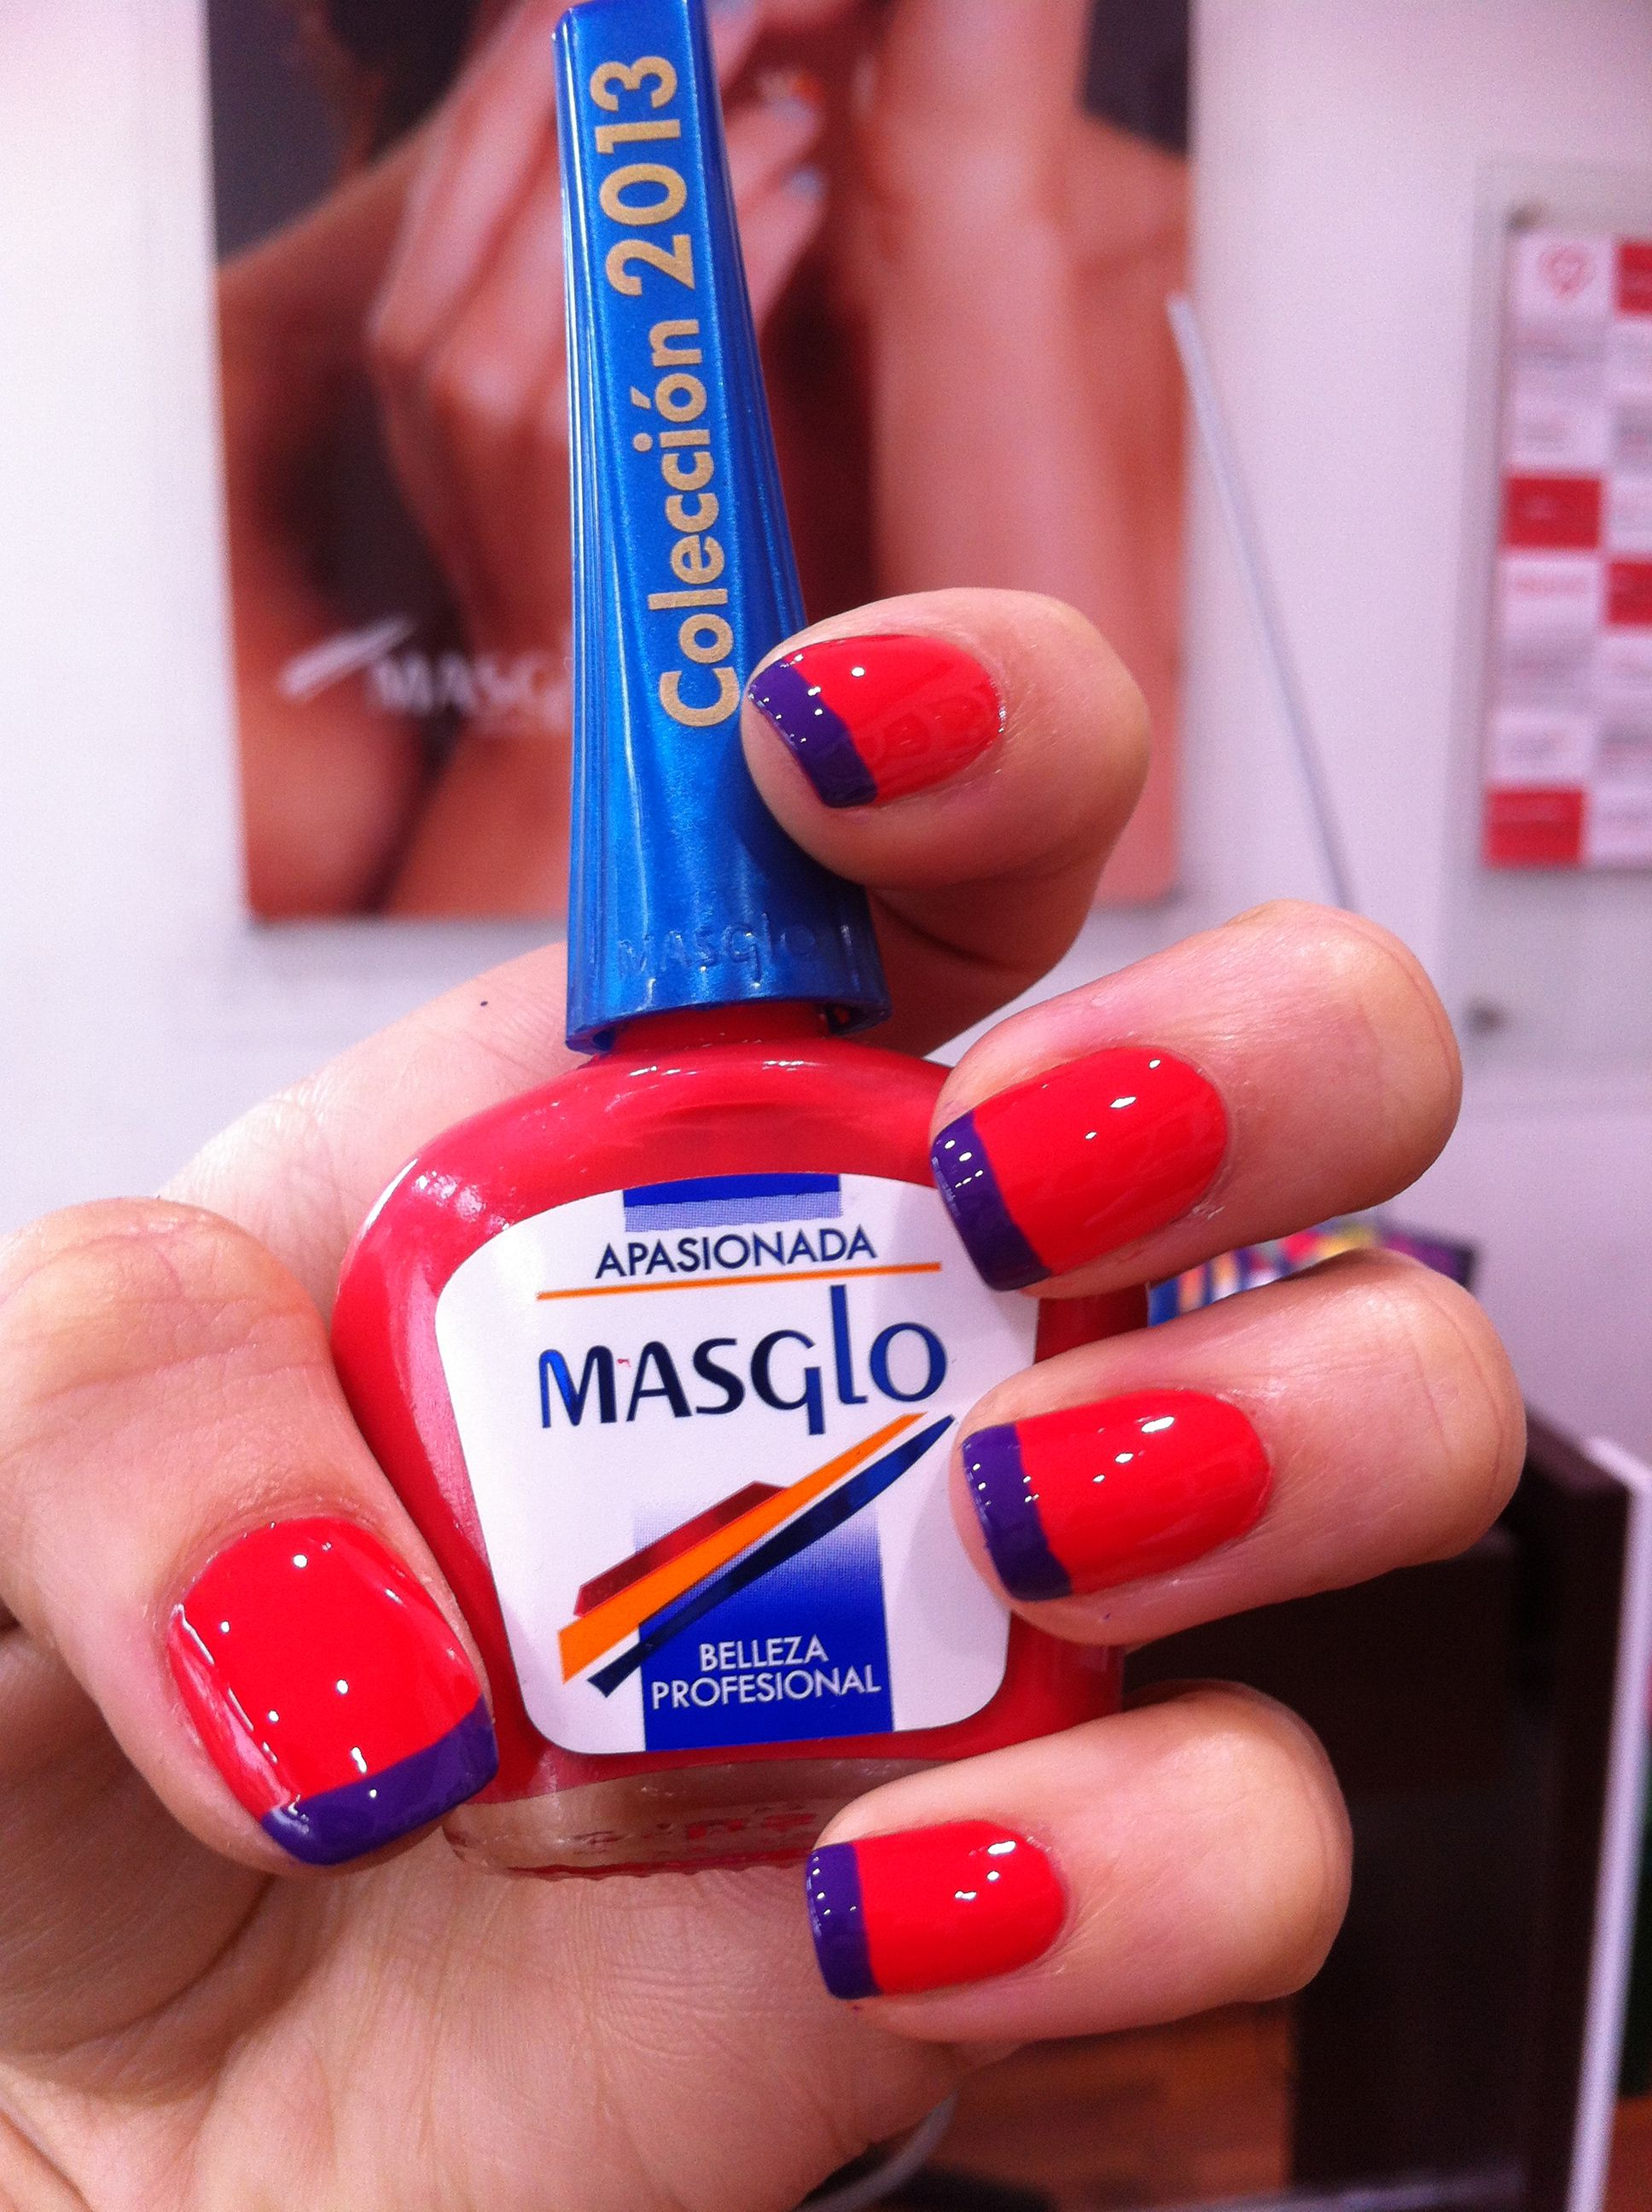 Apasionada de Masglo. | Nails3 | Pinterest | Diseños de uñas y Uñas ...